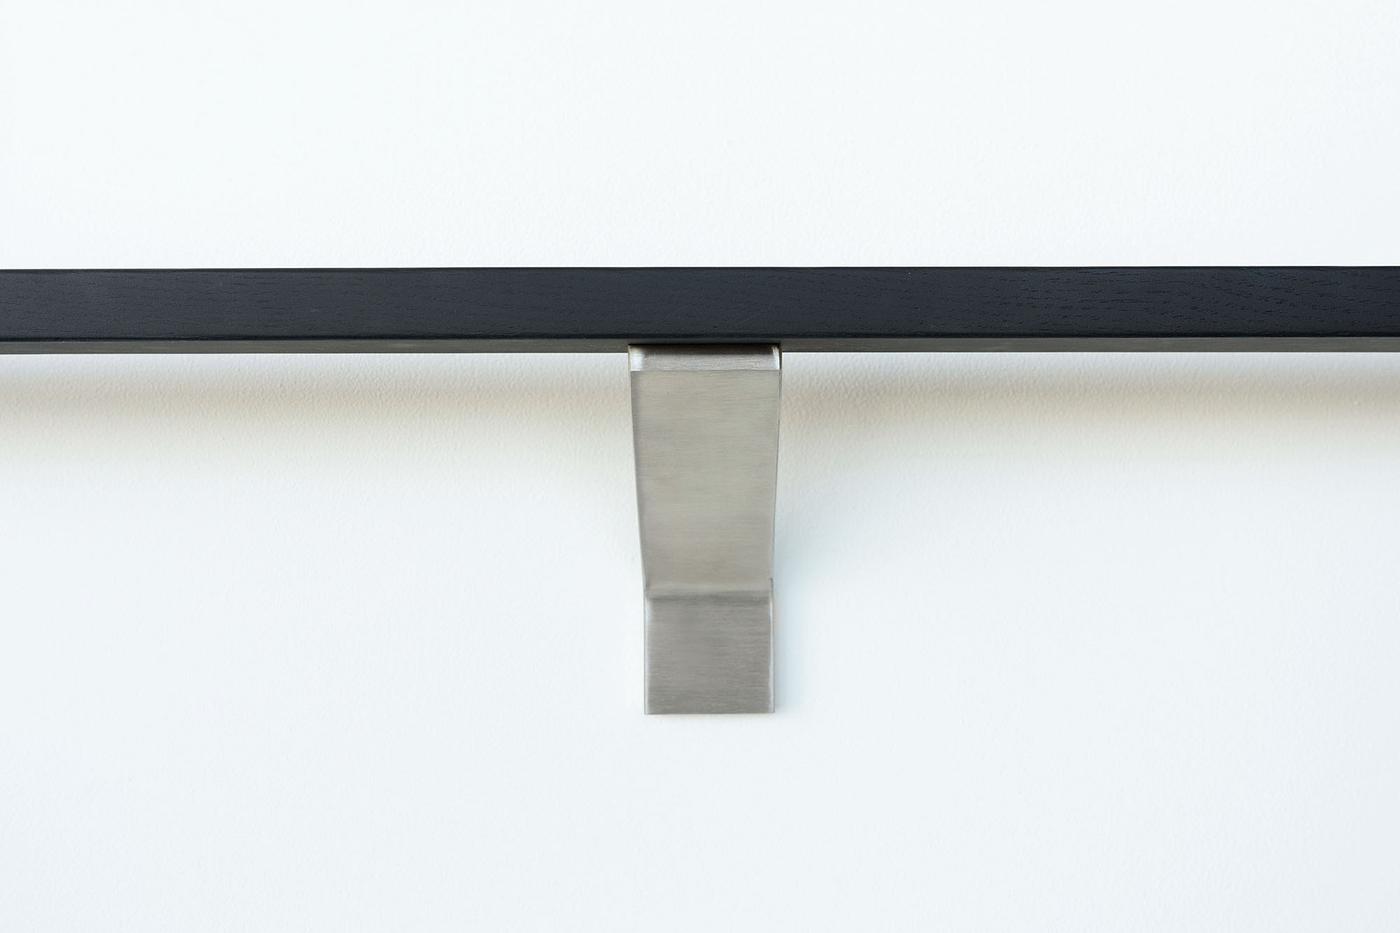 Modern-brushed stainless-handrail-bracket